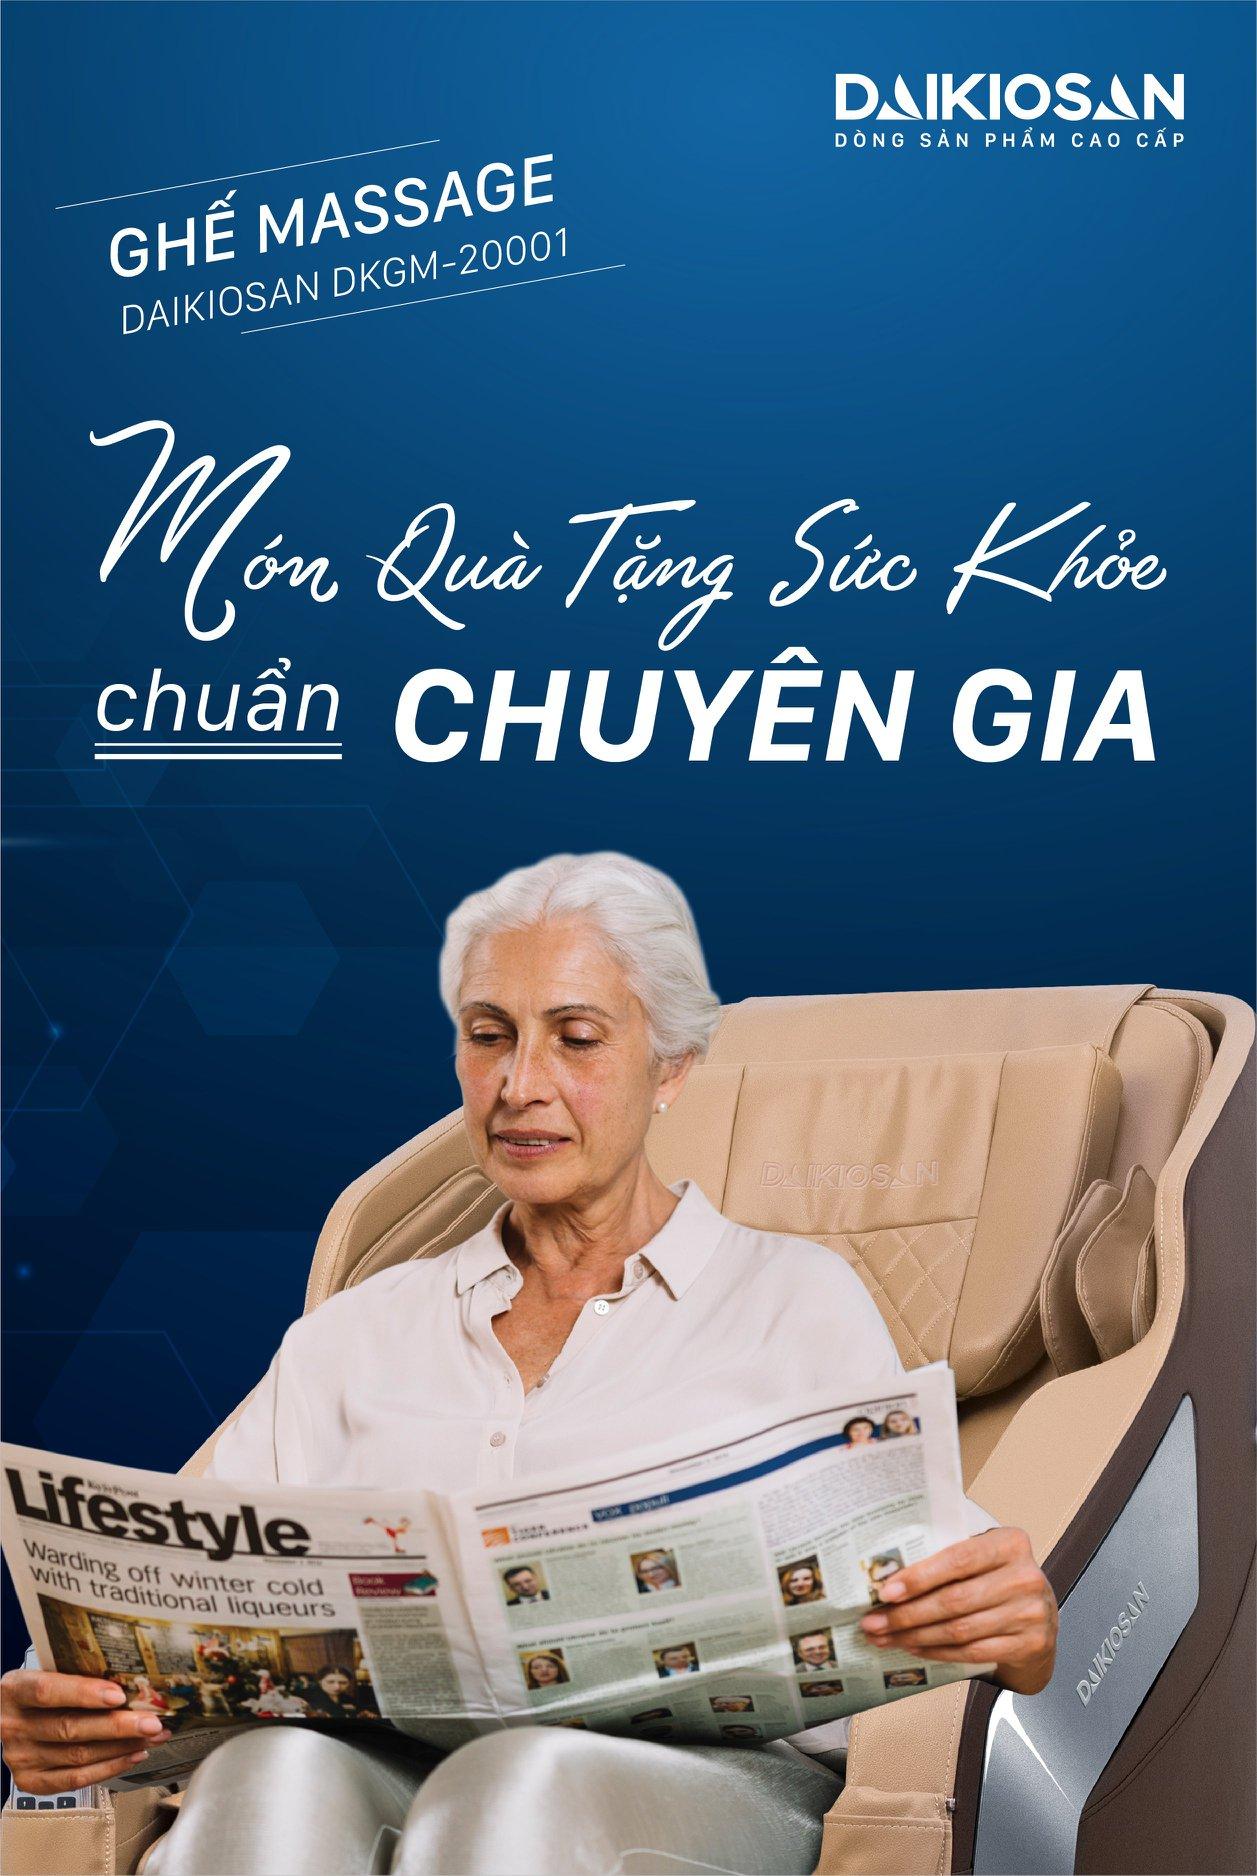 chọn ghế massage để chăm sóc sức khỏe người già